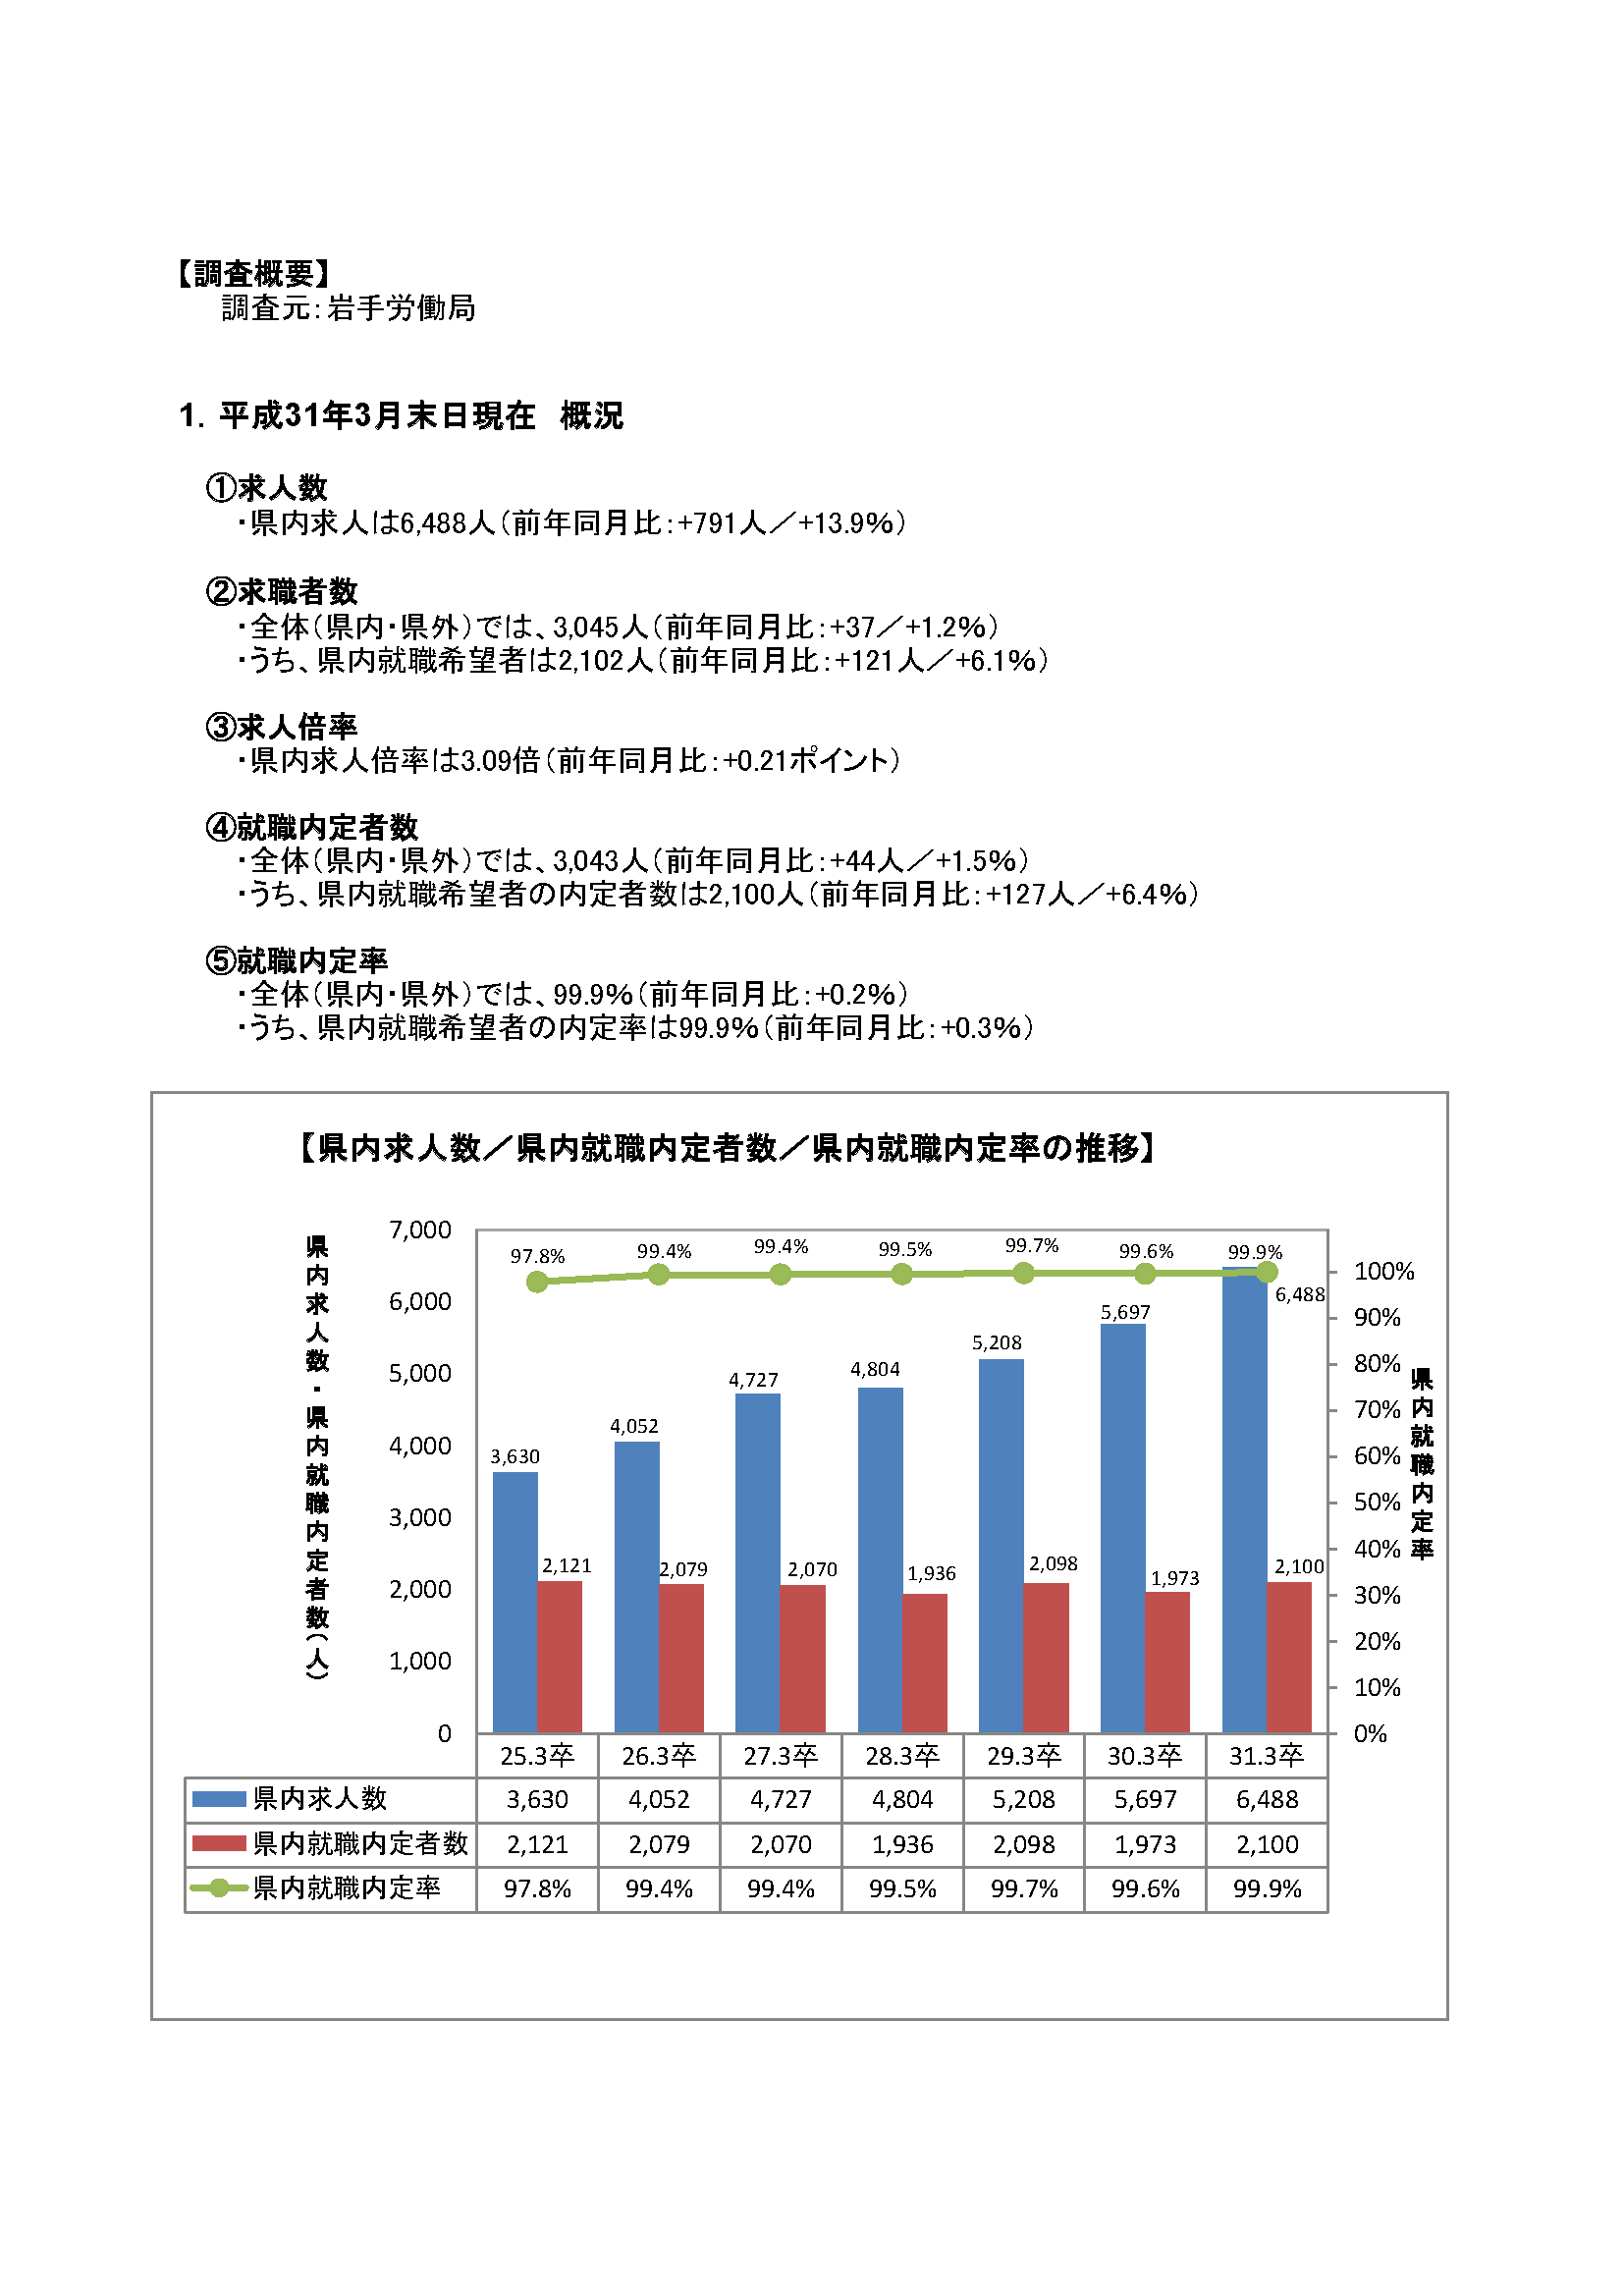 H31.3月高卒者職業紹介状況資料(201903月末現在)